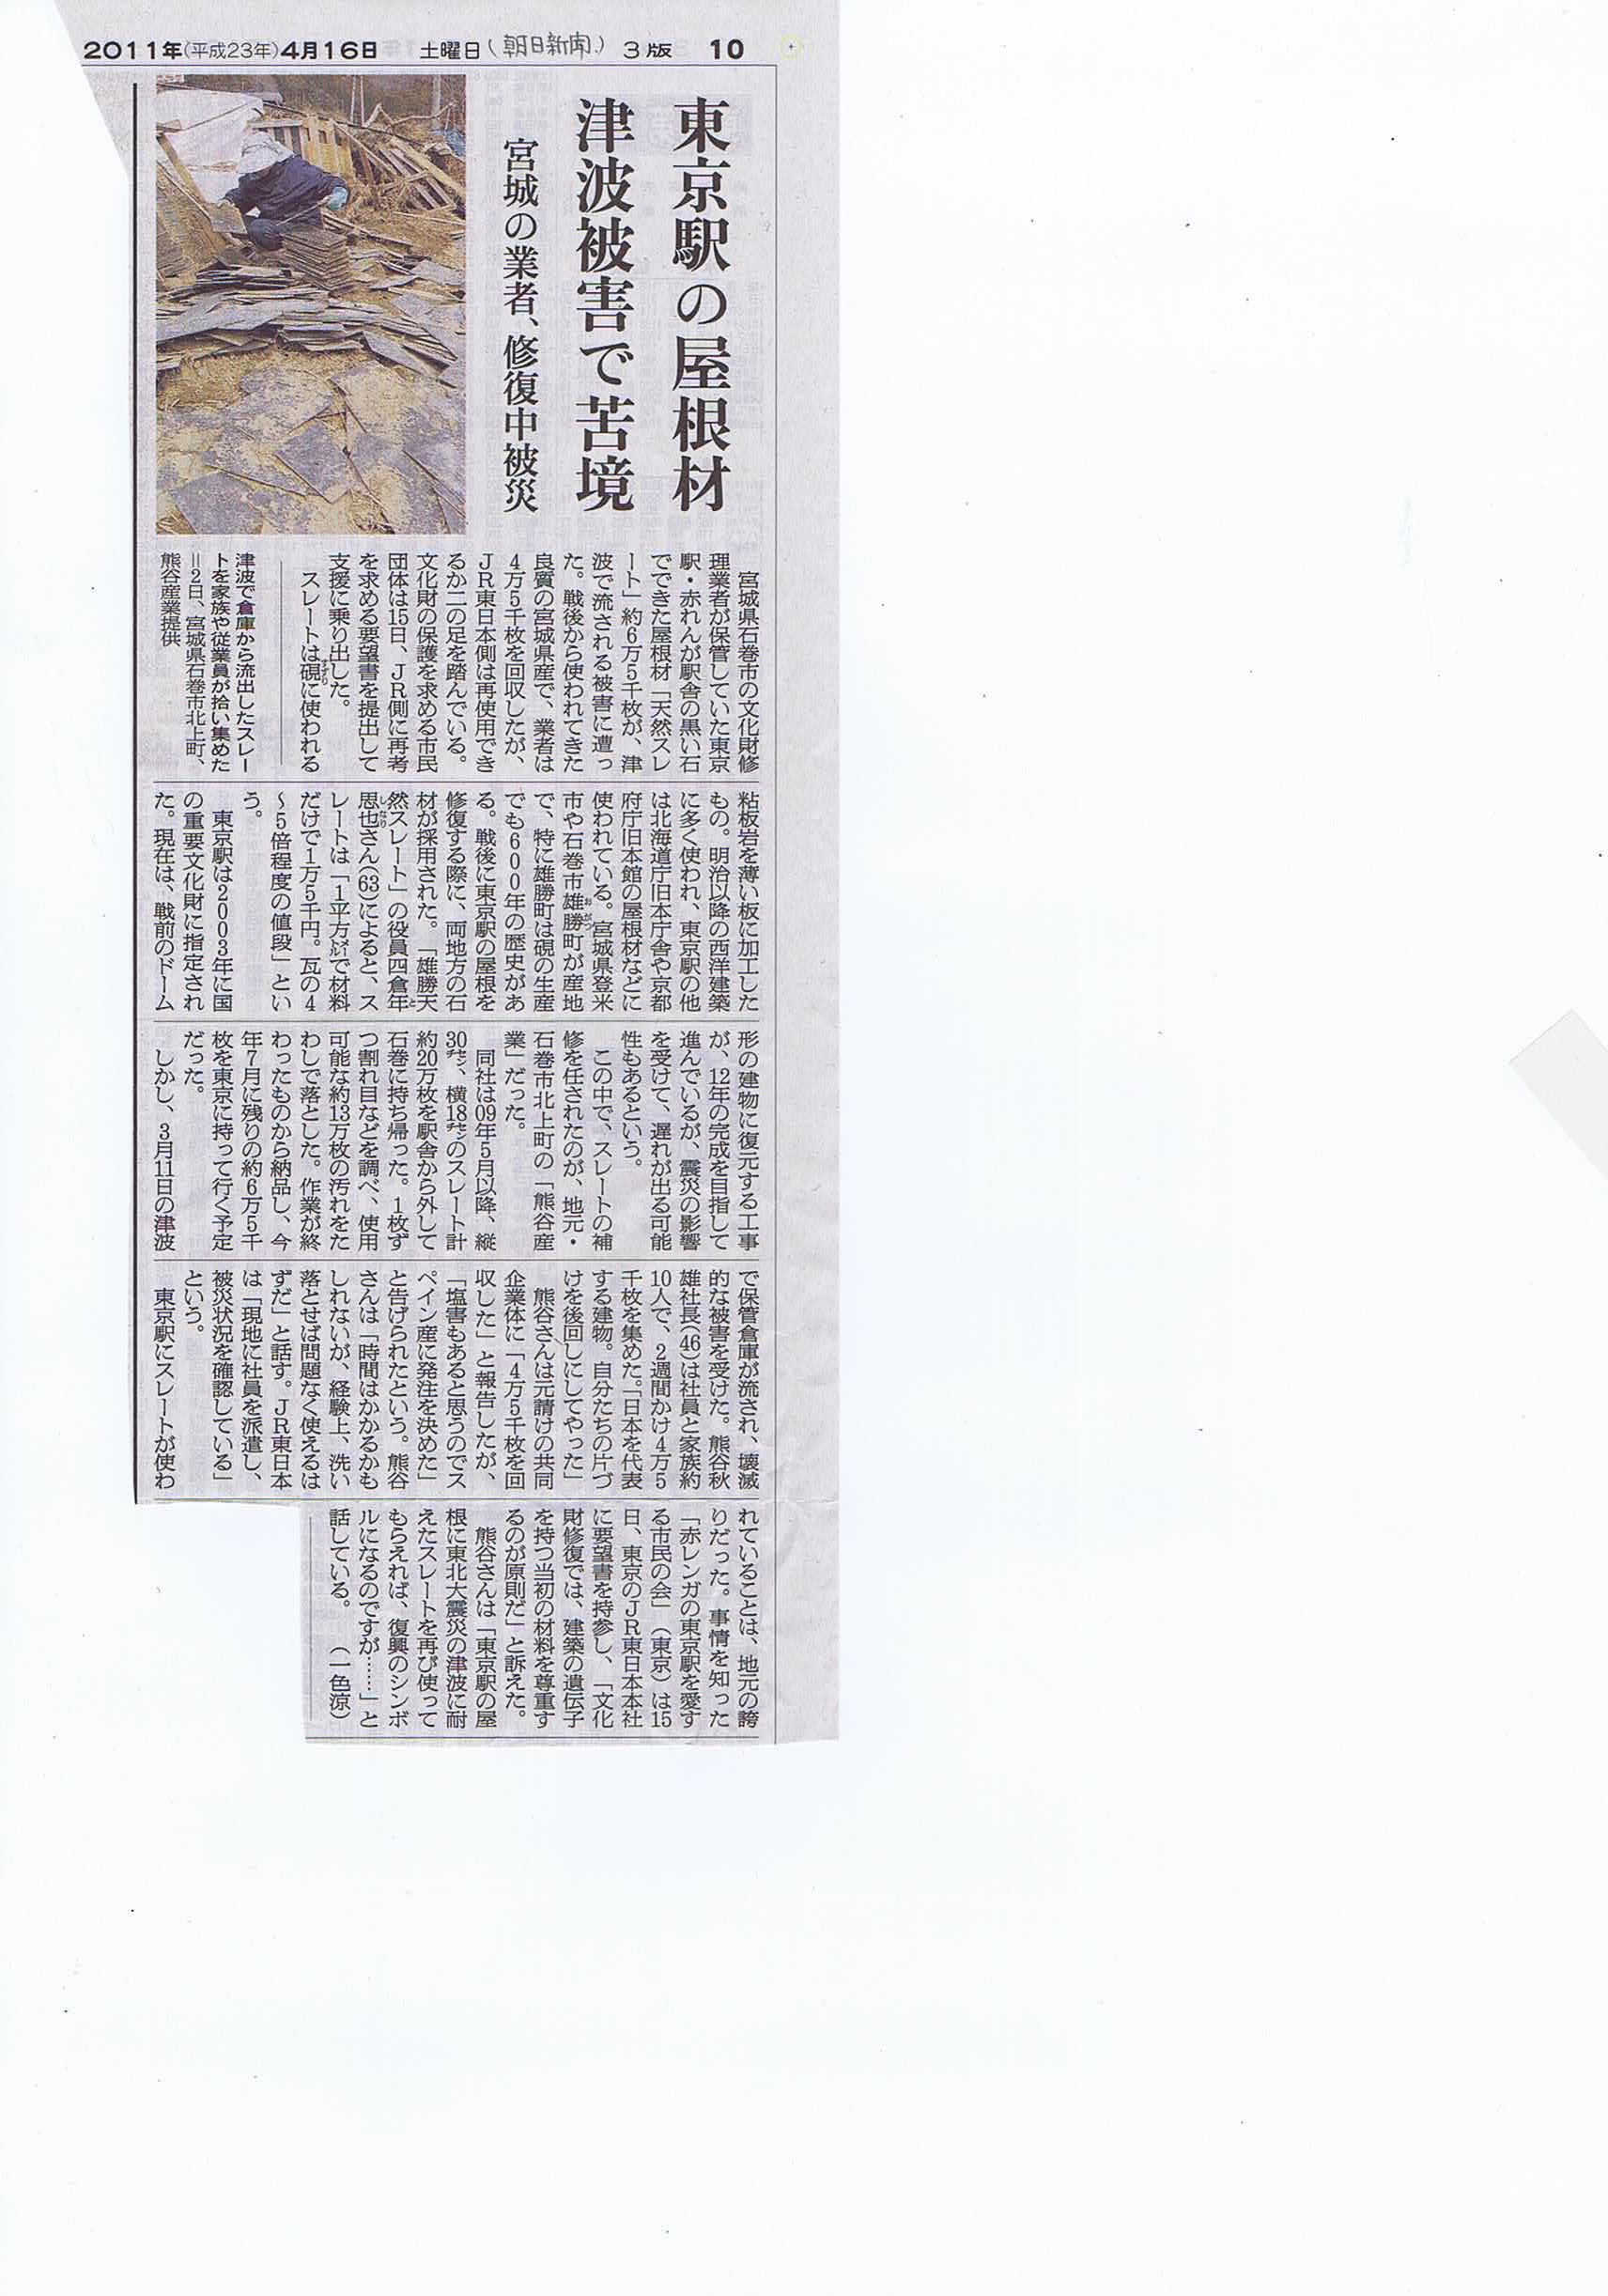 がれきの中、瓦6万5000枚回収=東京駅舎復元を、社員ら奮起-宮城・石巻_b0213134_795347.jpg